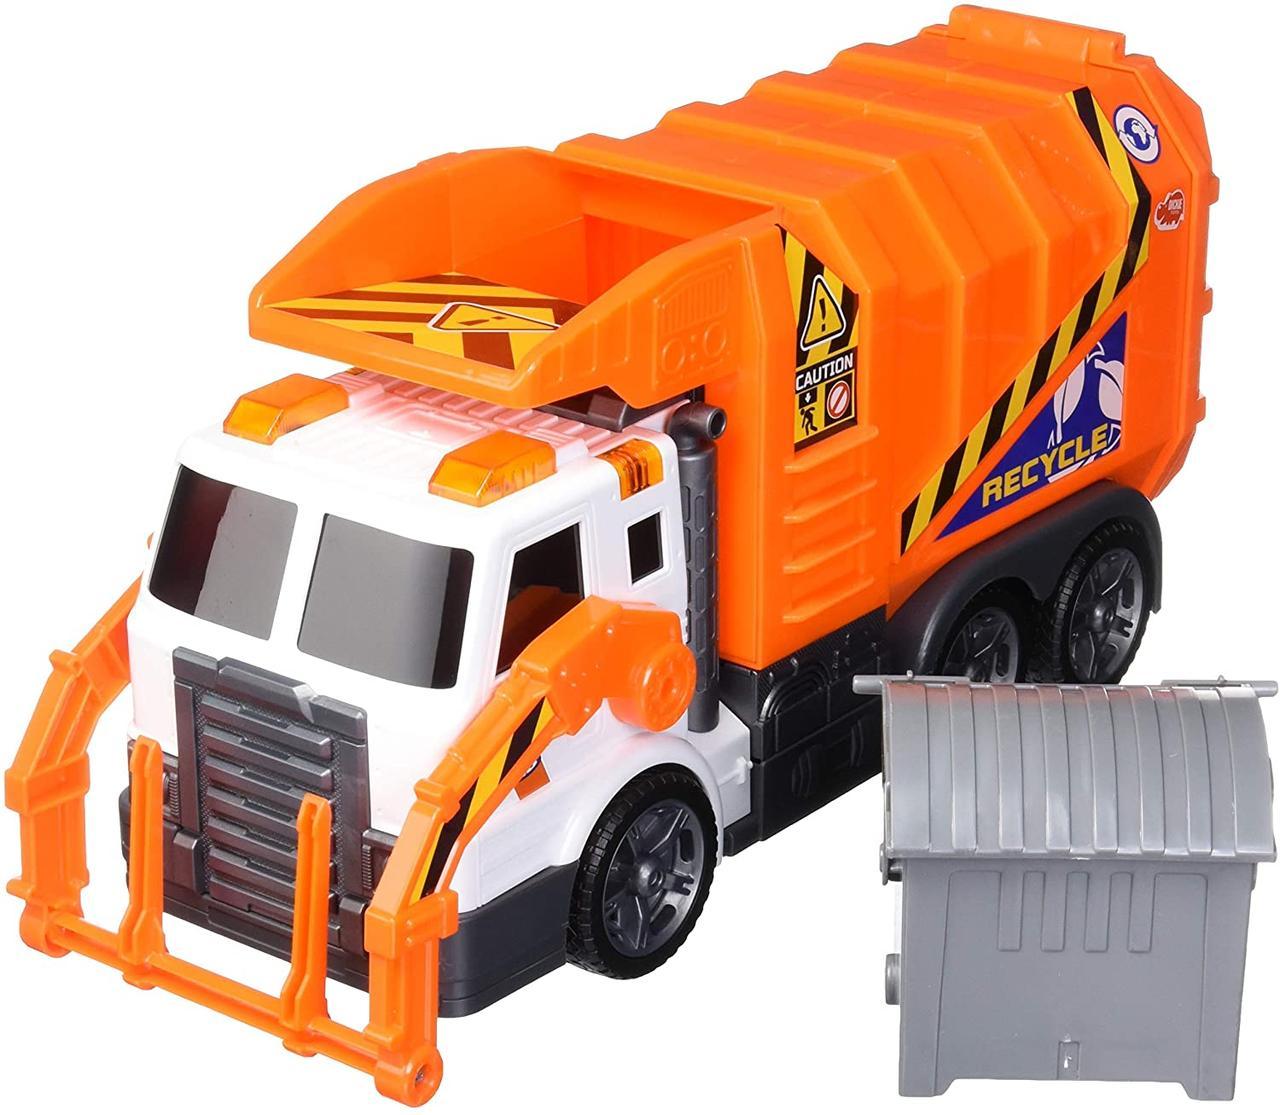 Автомобтль Мусоровоз со звуковыми и световыми эффектами Dickie Toys 1137000